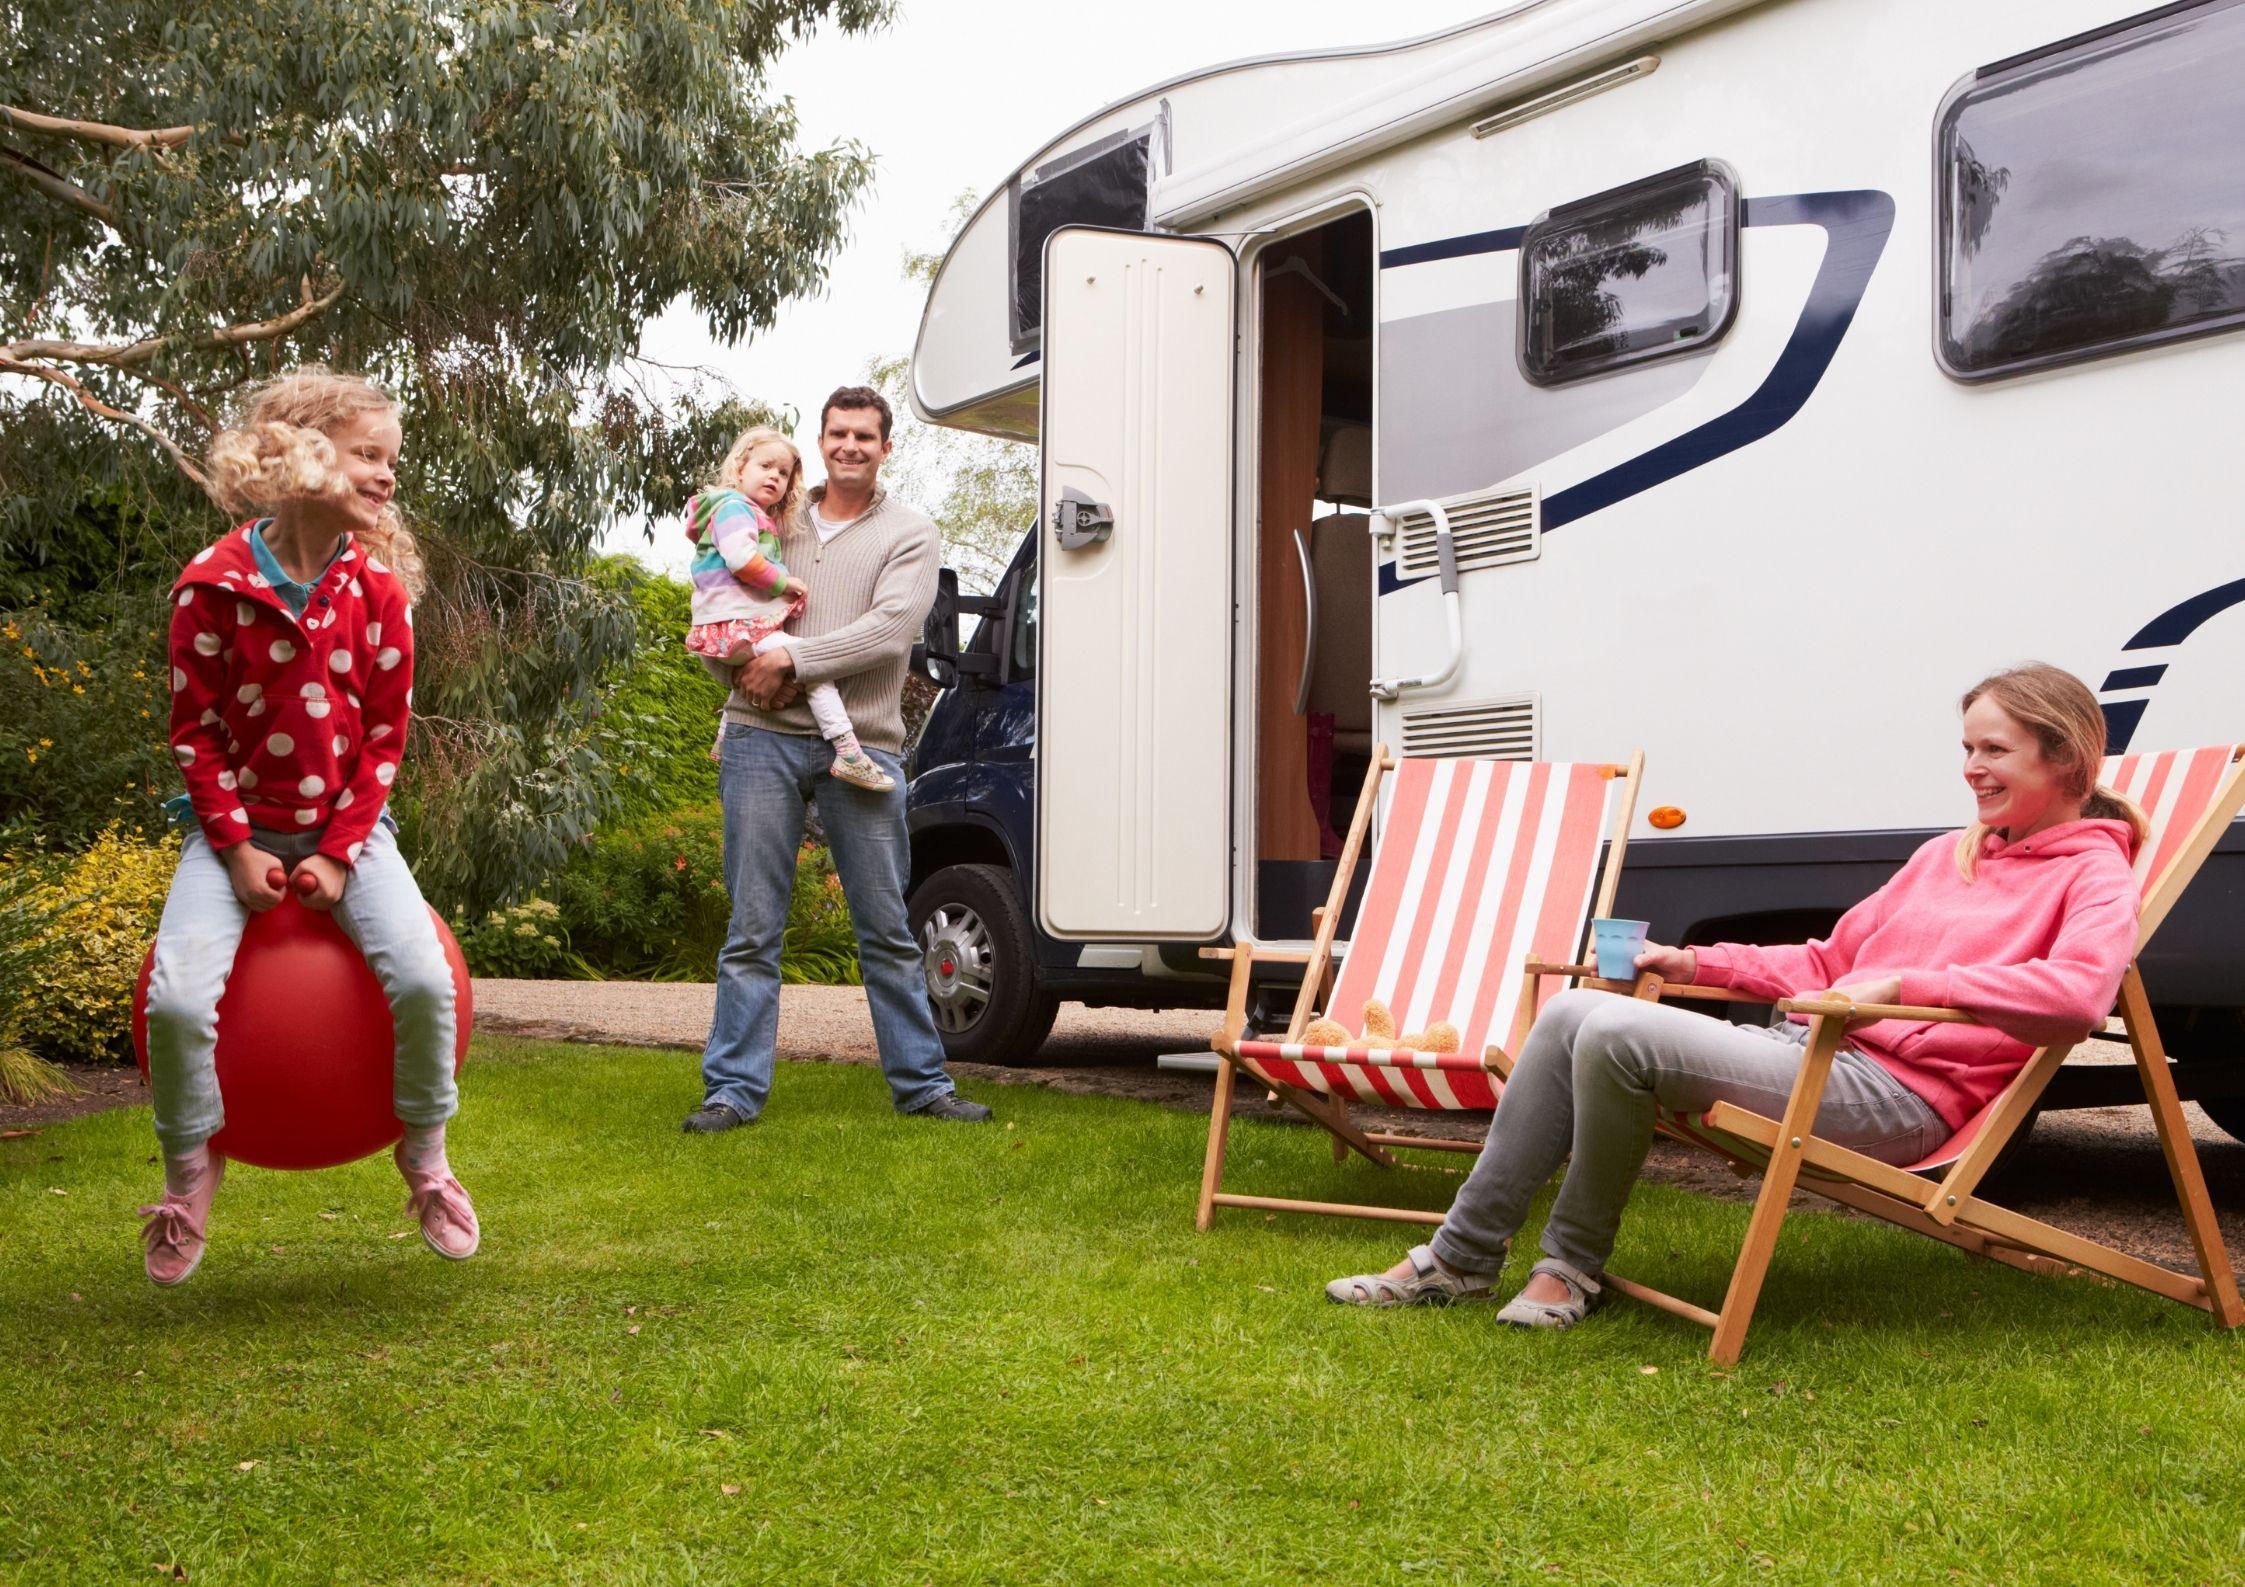 Emplacement pour les camping-car au camping de Chanac